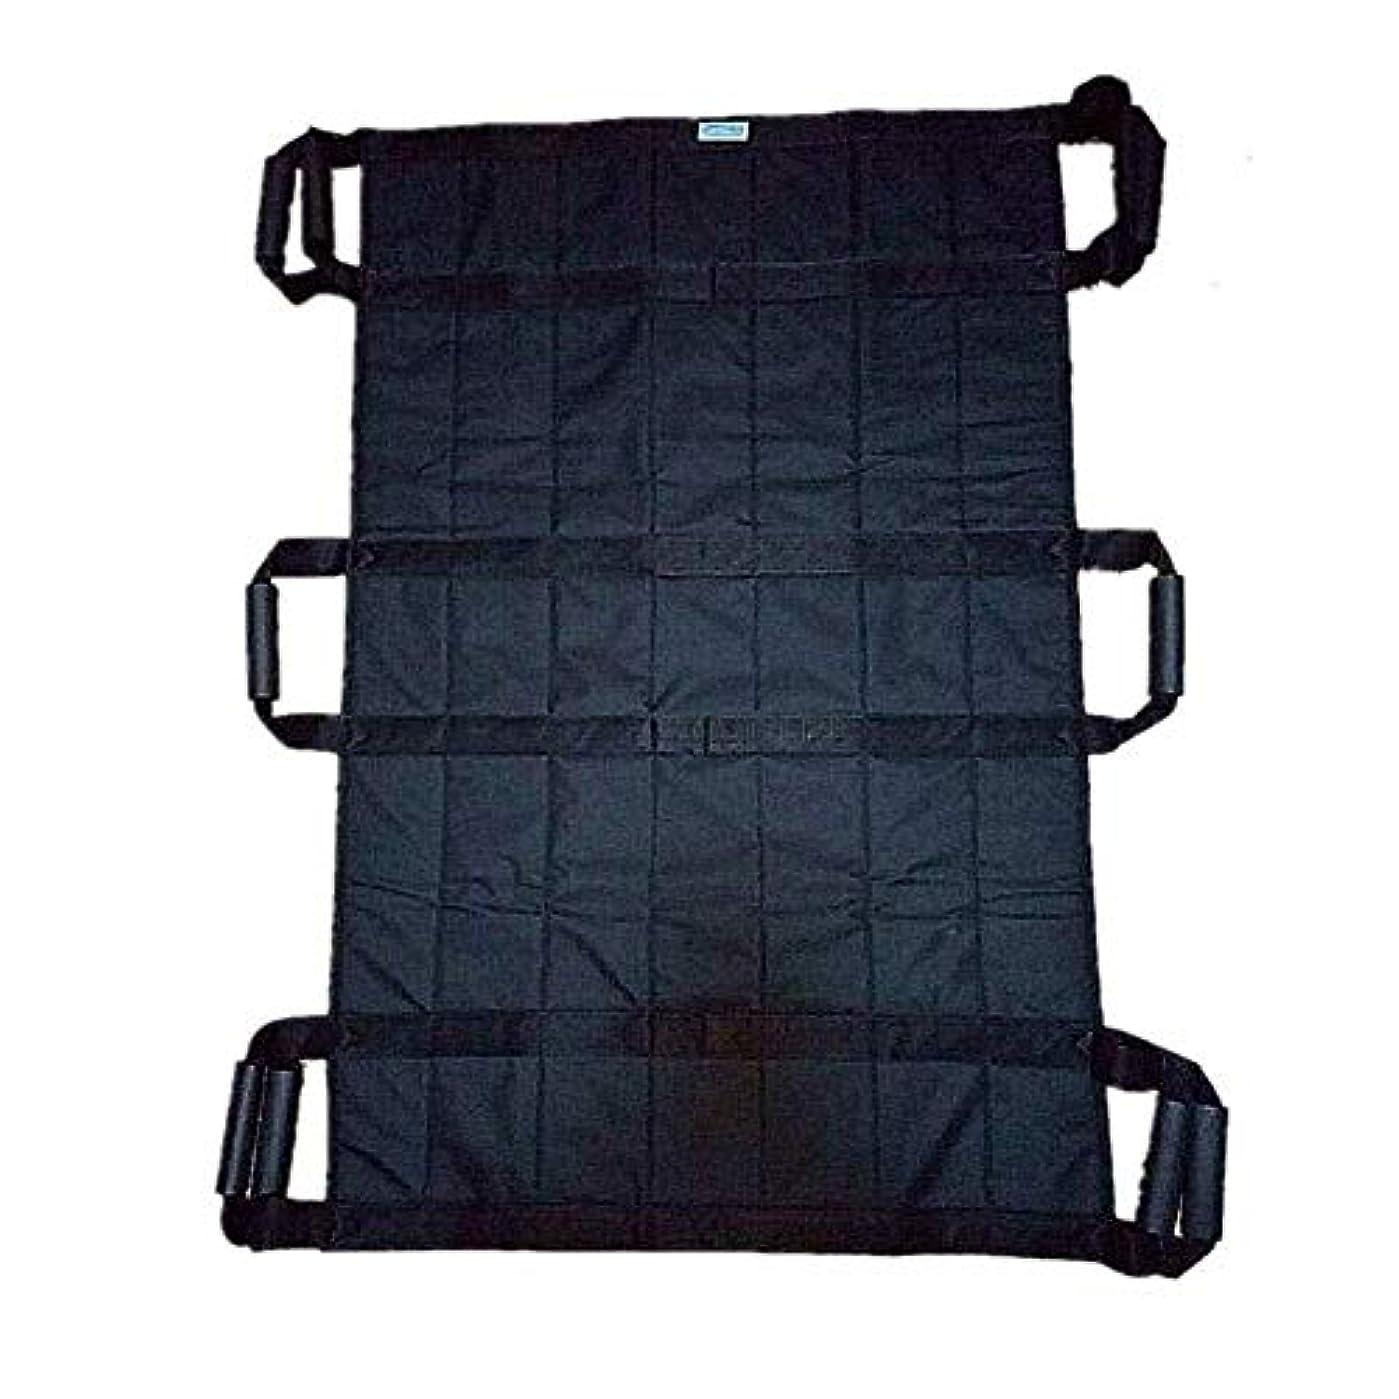 コロニアル宿命ロバトランスファーボードスライドベルト-患者リフトベッド支援デバイス-患者輸送リフトスリング-位置決めベッドパッド